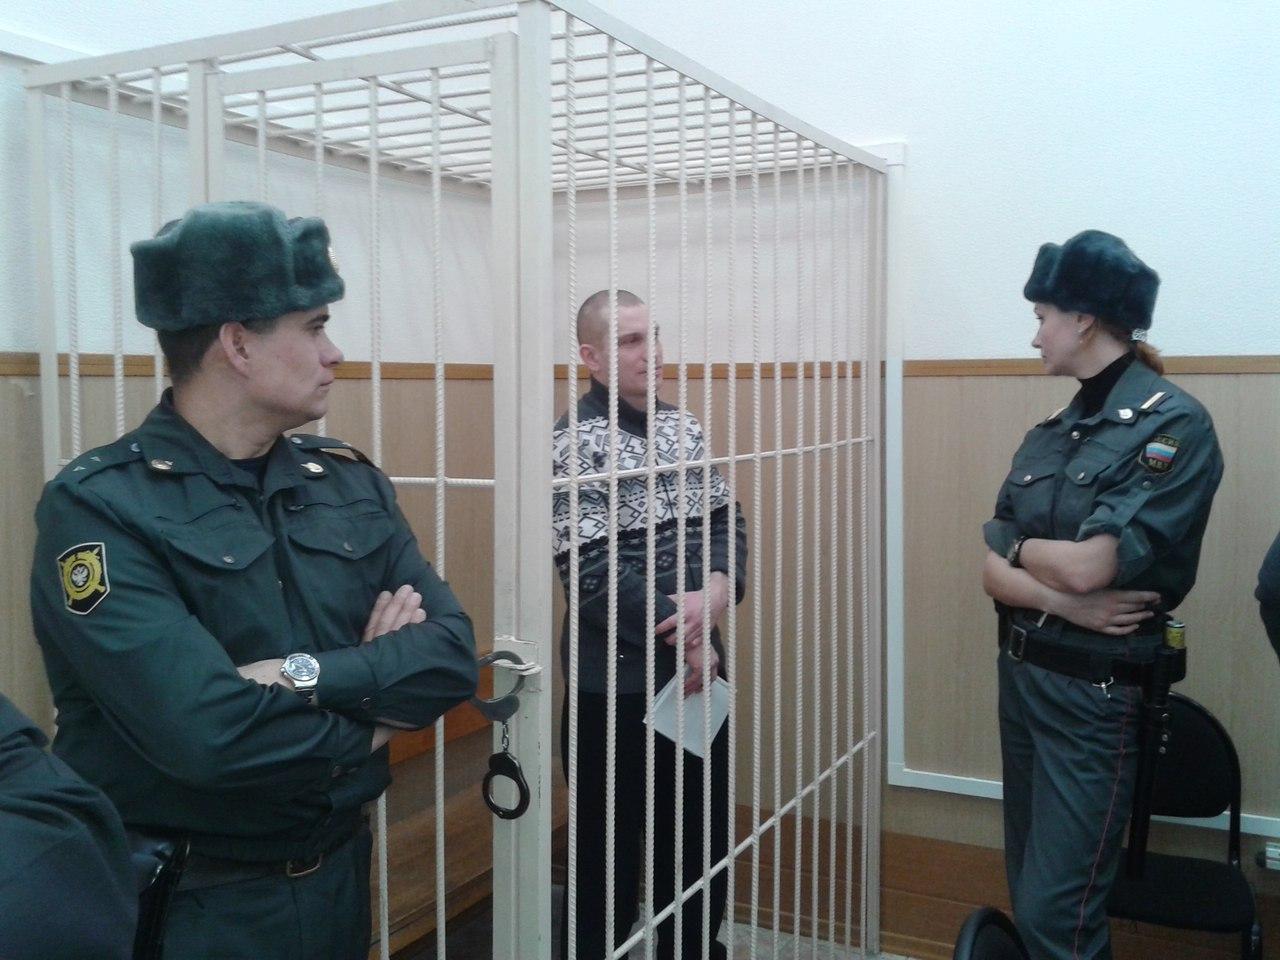 Видеоблоггер Вадим Тюменцев получил 5 лет колонии общего режима за два видеоролика